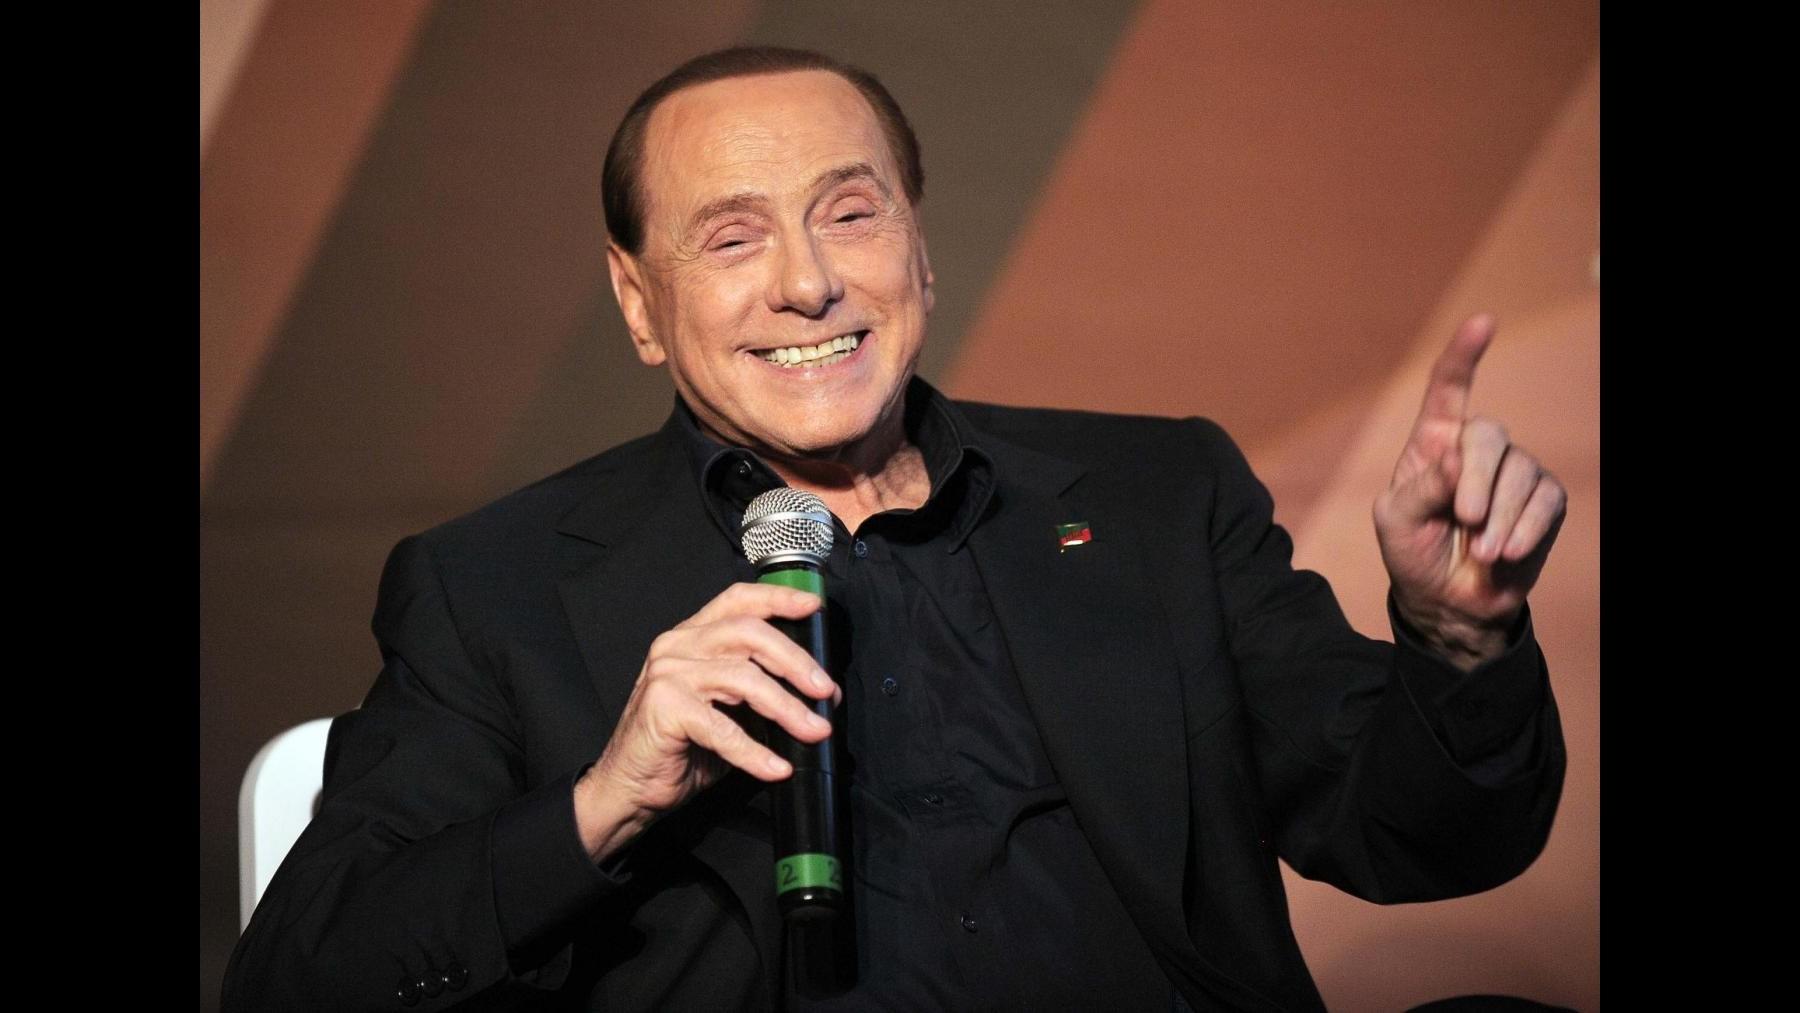 Ppe, domani Berlusconi a Madrid: probabile incontro con Merkel